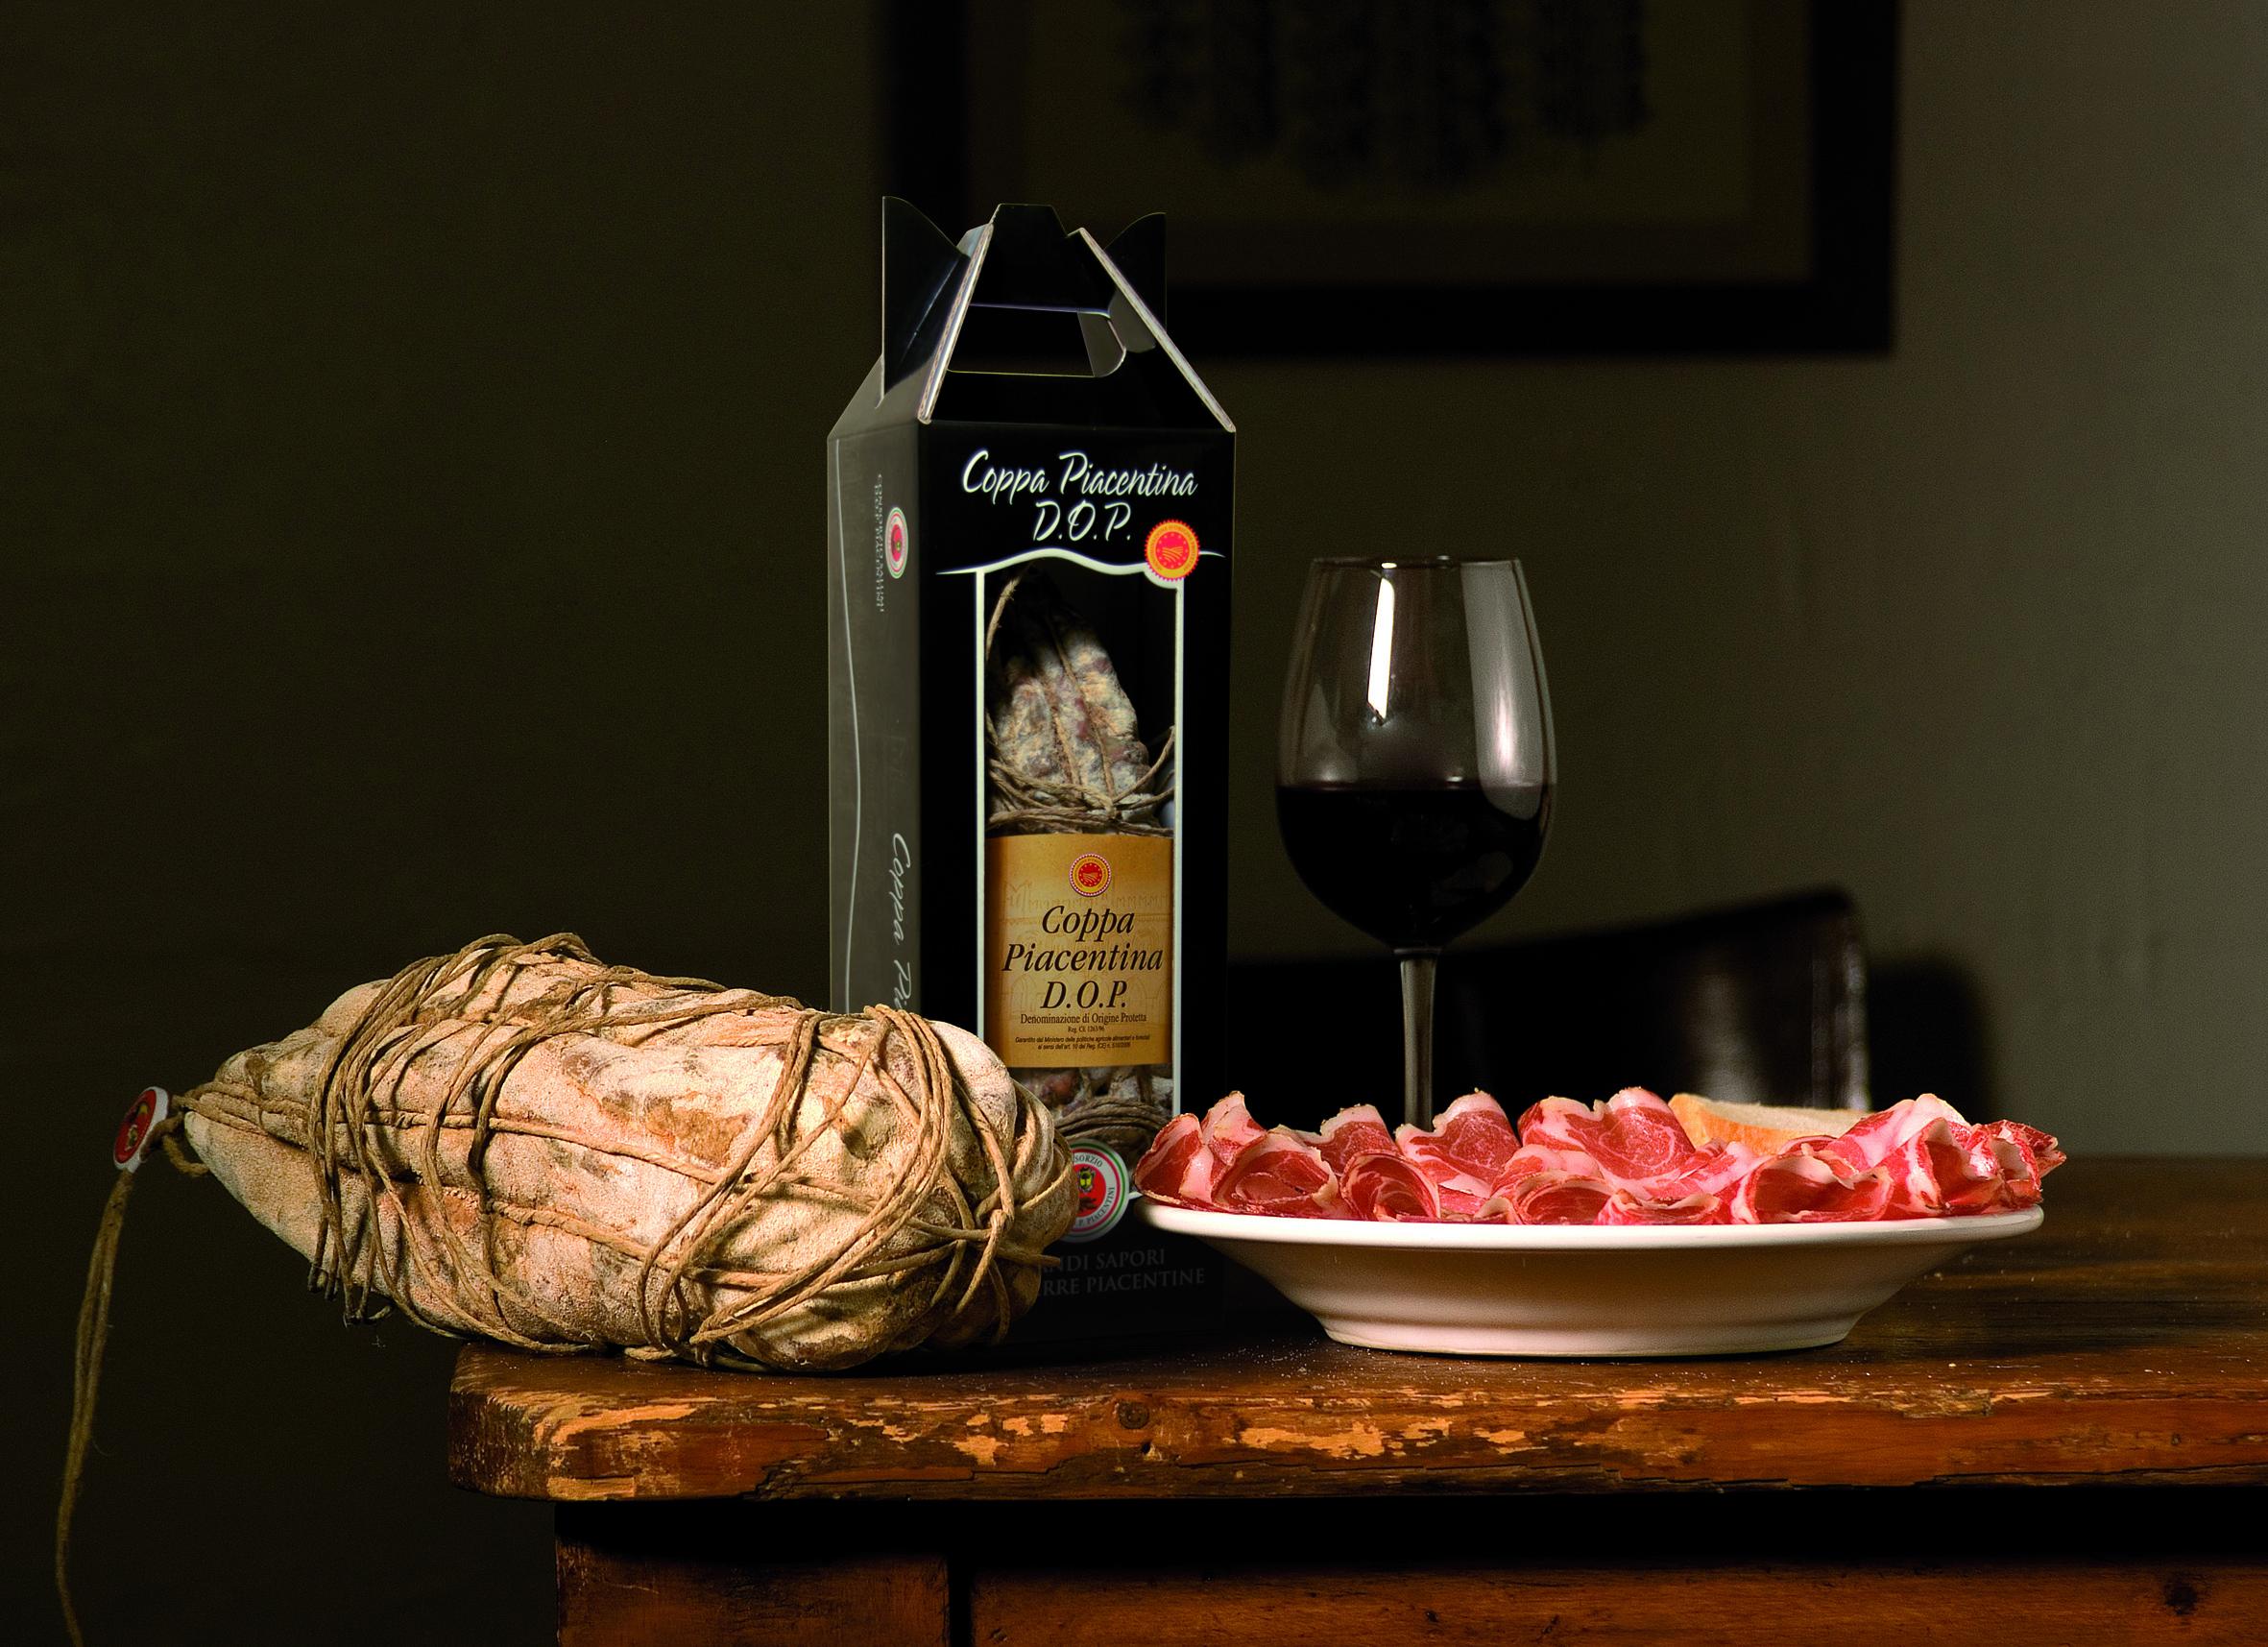 coppa-piacentina_8 Food Blogger contest per ISIT: la Coppa Piacentina DOP ed il Capocollo di Calabria DOP